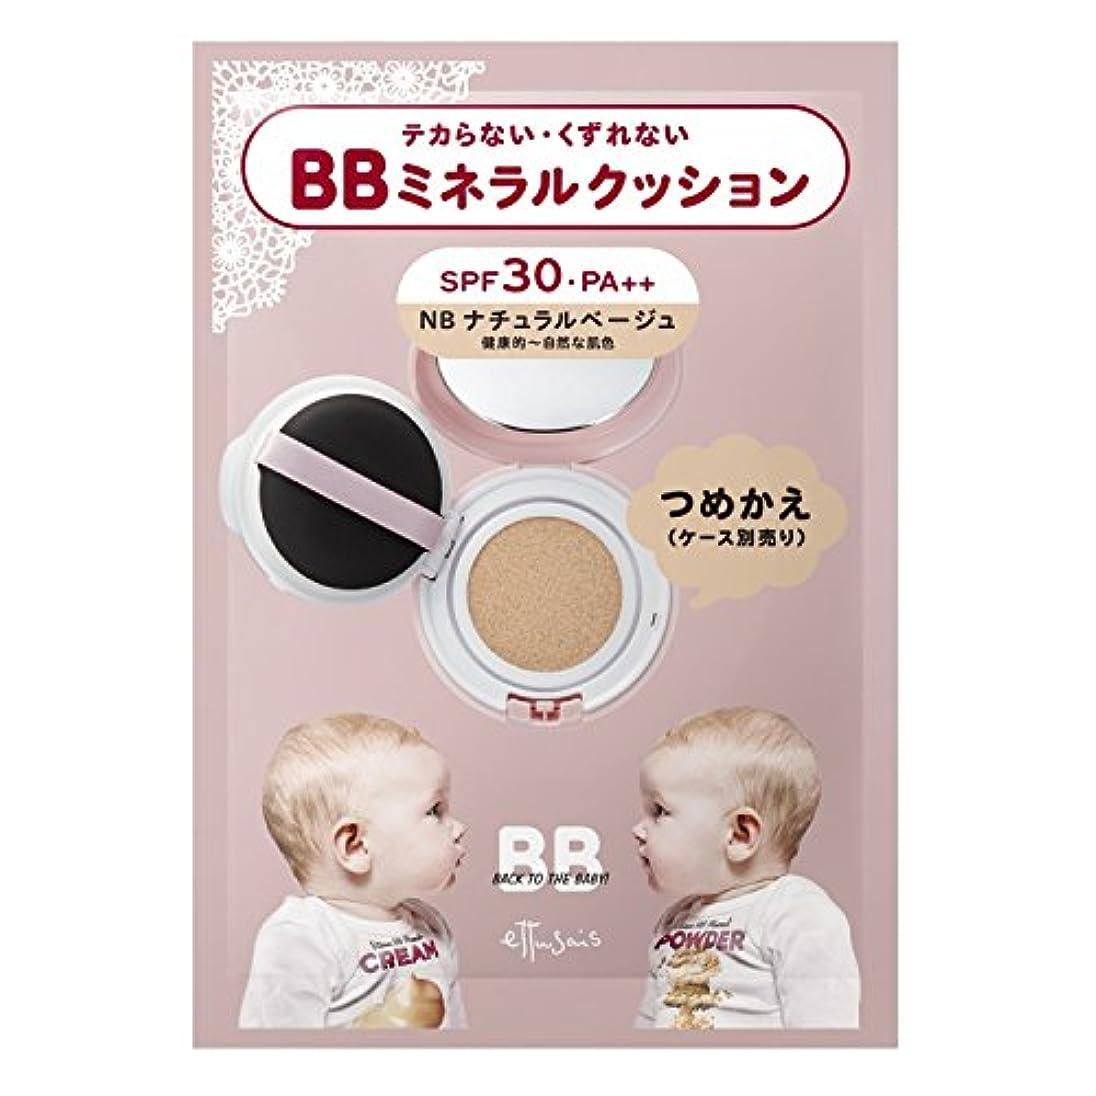 バーガー混合クライストチャーチエテュセ BBミネラルクッション NB ナチュラルベージュ(健康的~自然な肌色) つめかえ用 SPF30?PA++ 12g